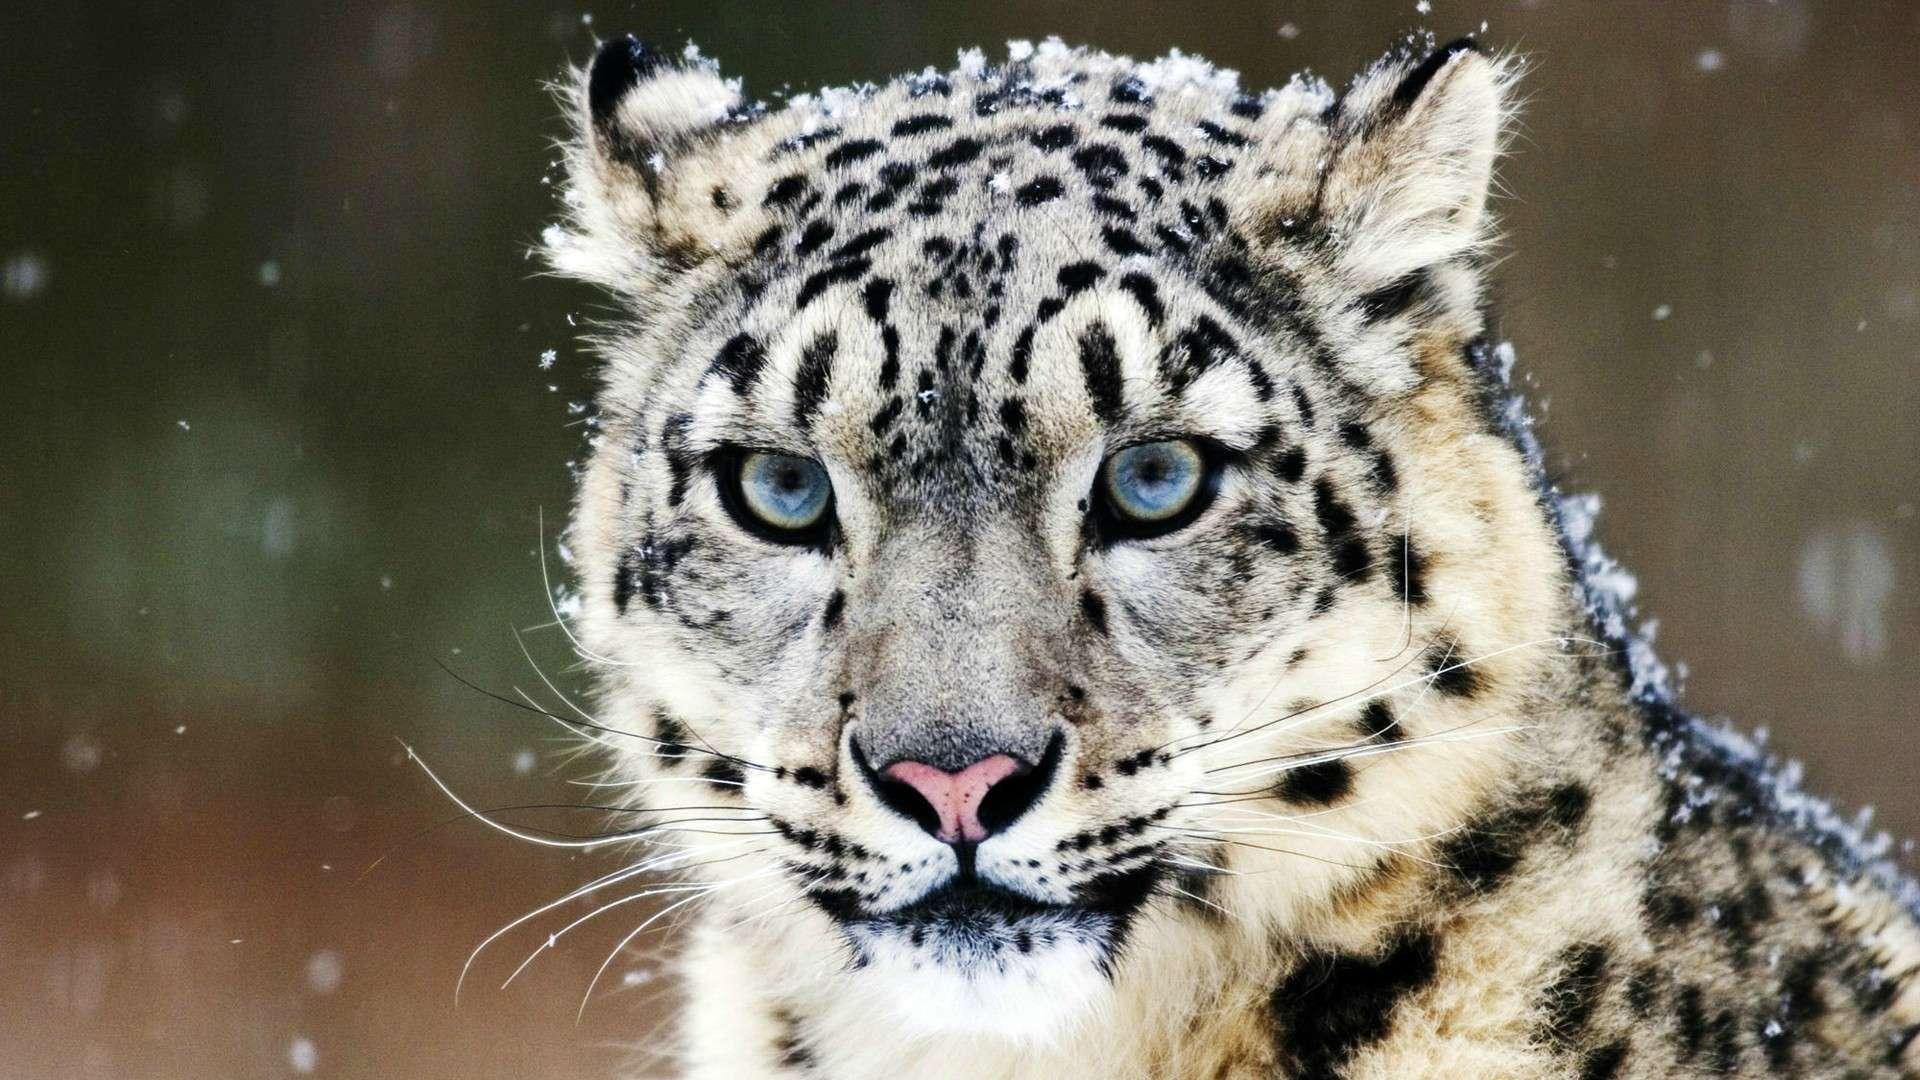 Snow Leopard HD Wallpaper FullHDWpp   Full HD Wallpapers 1920x1080 1920x1080